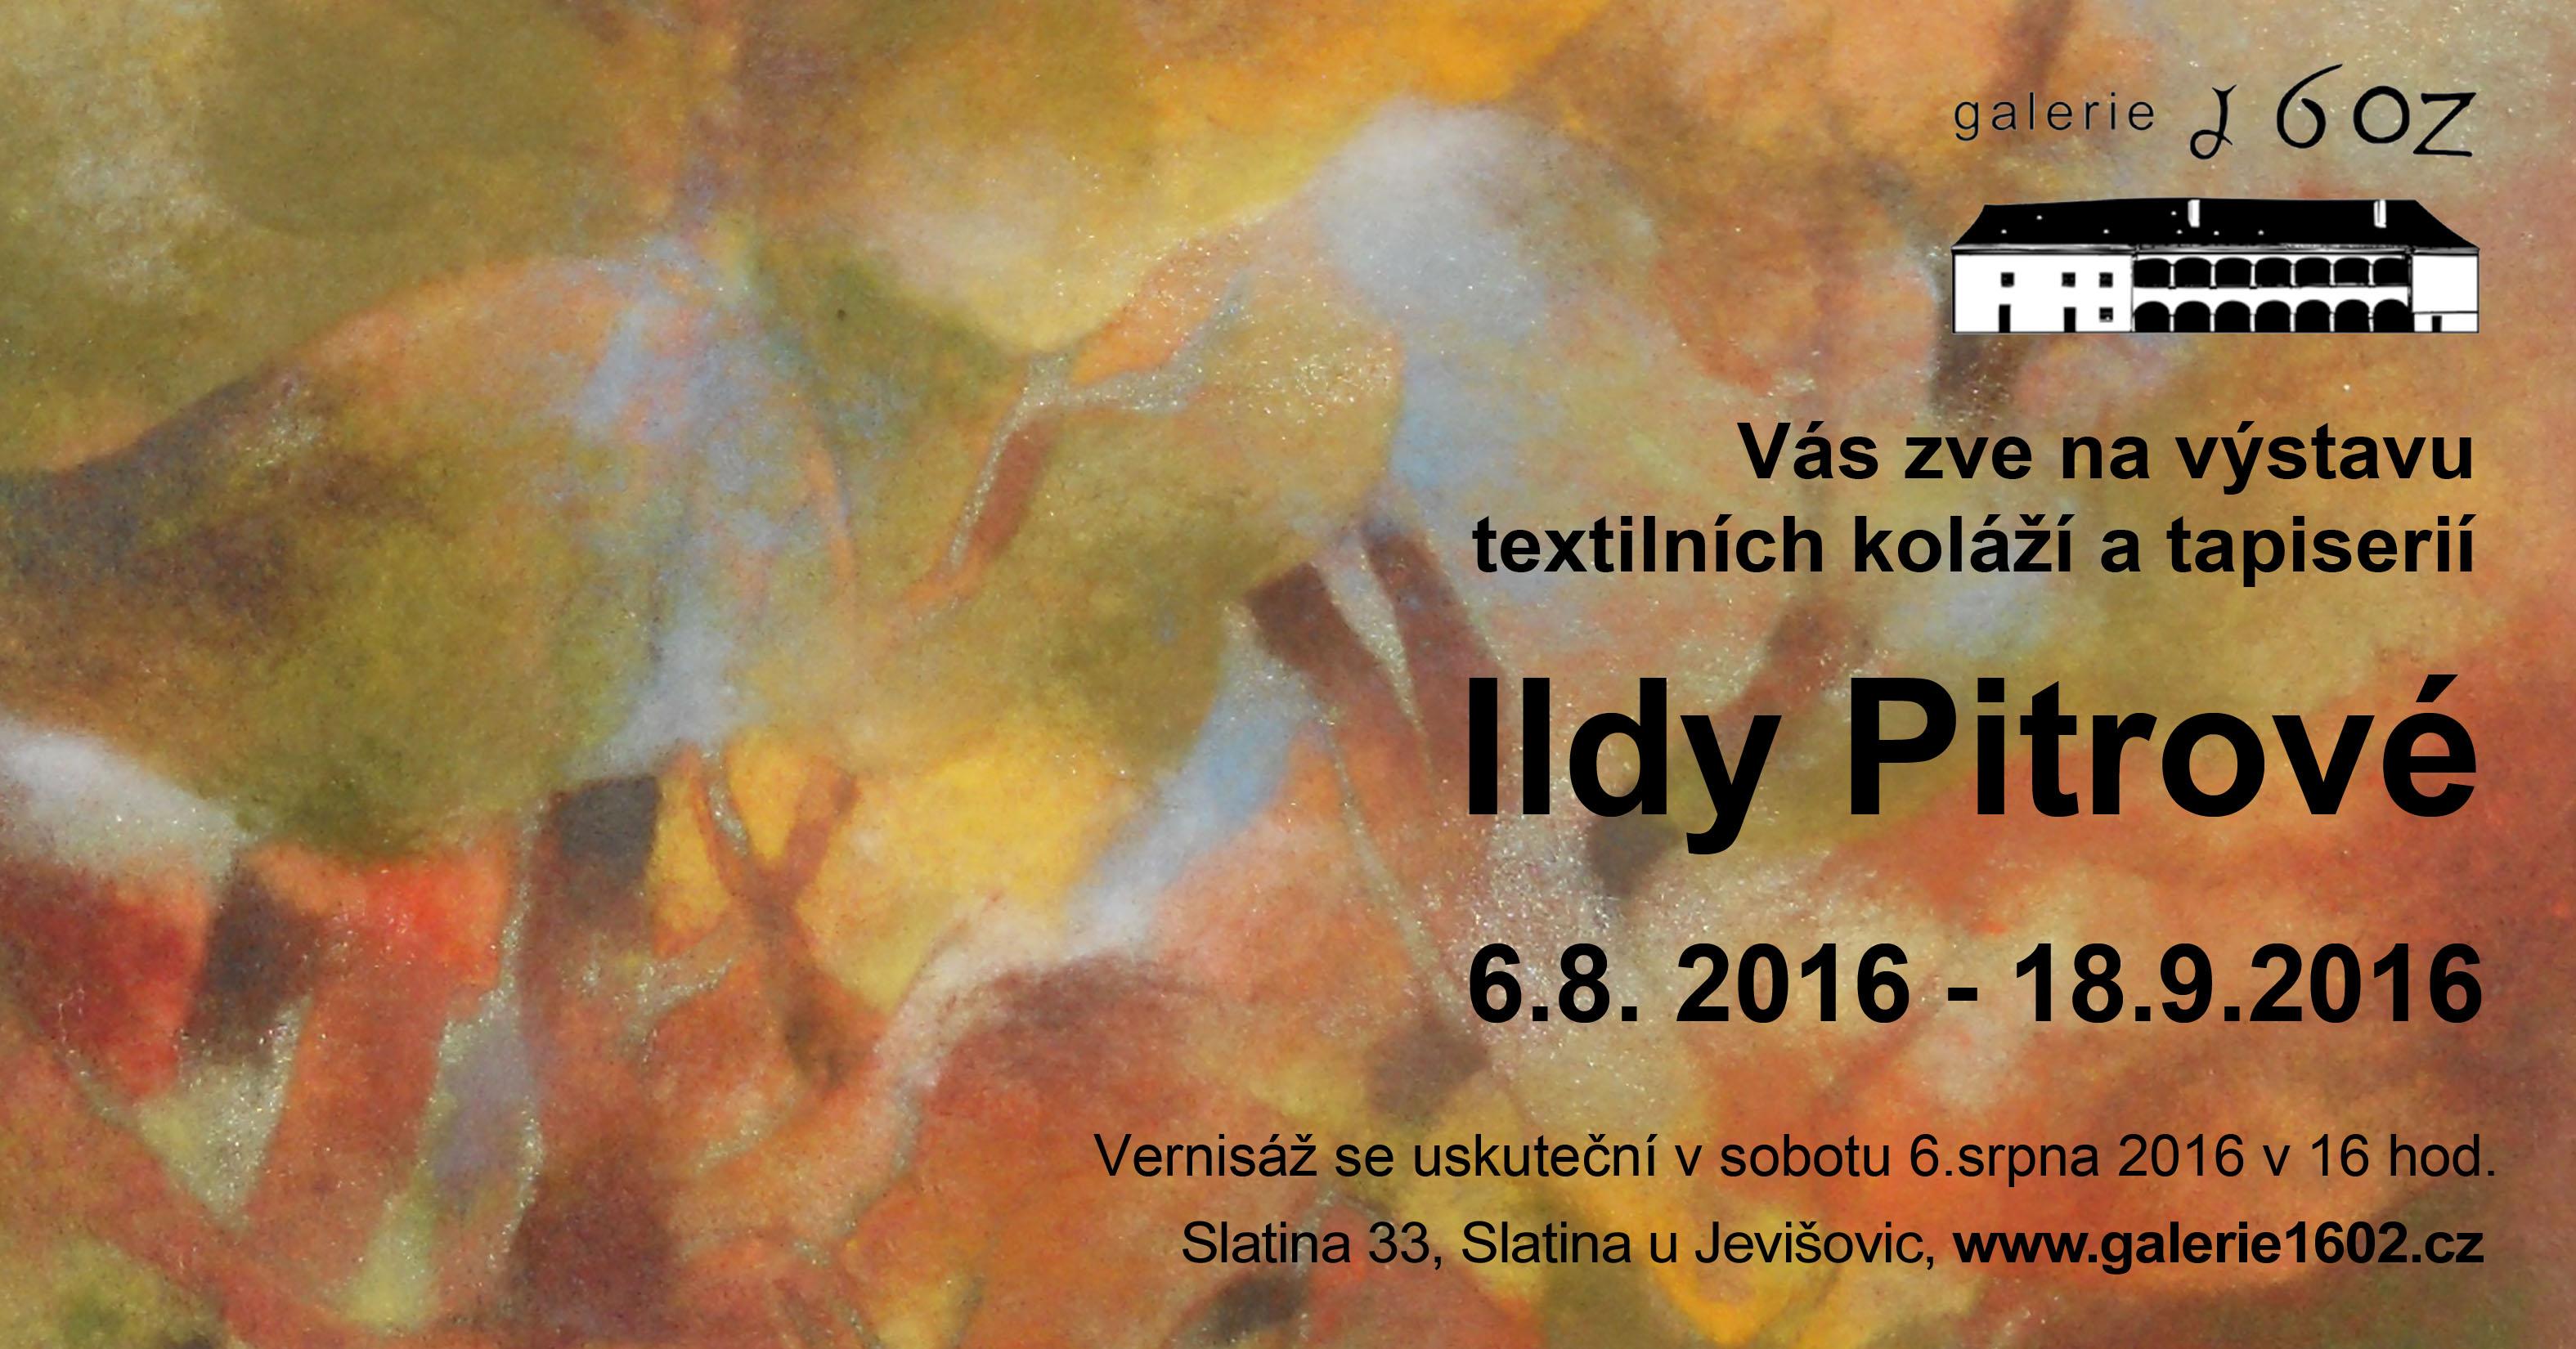 pozvanka_ilda_pitrova_2016